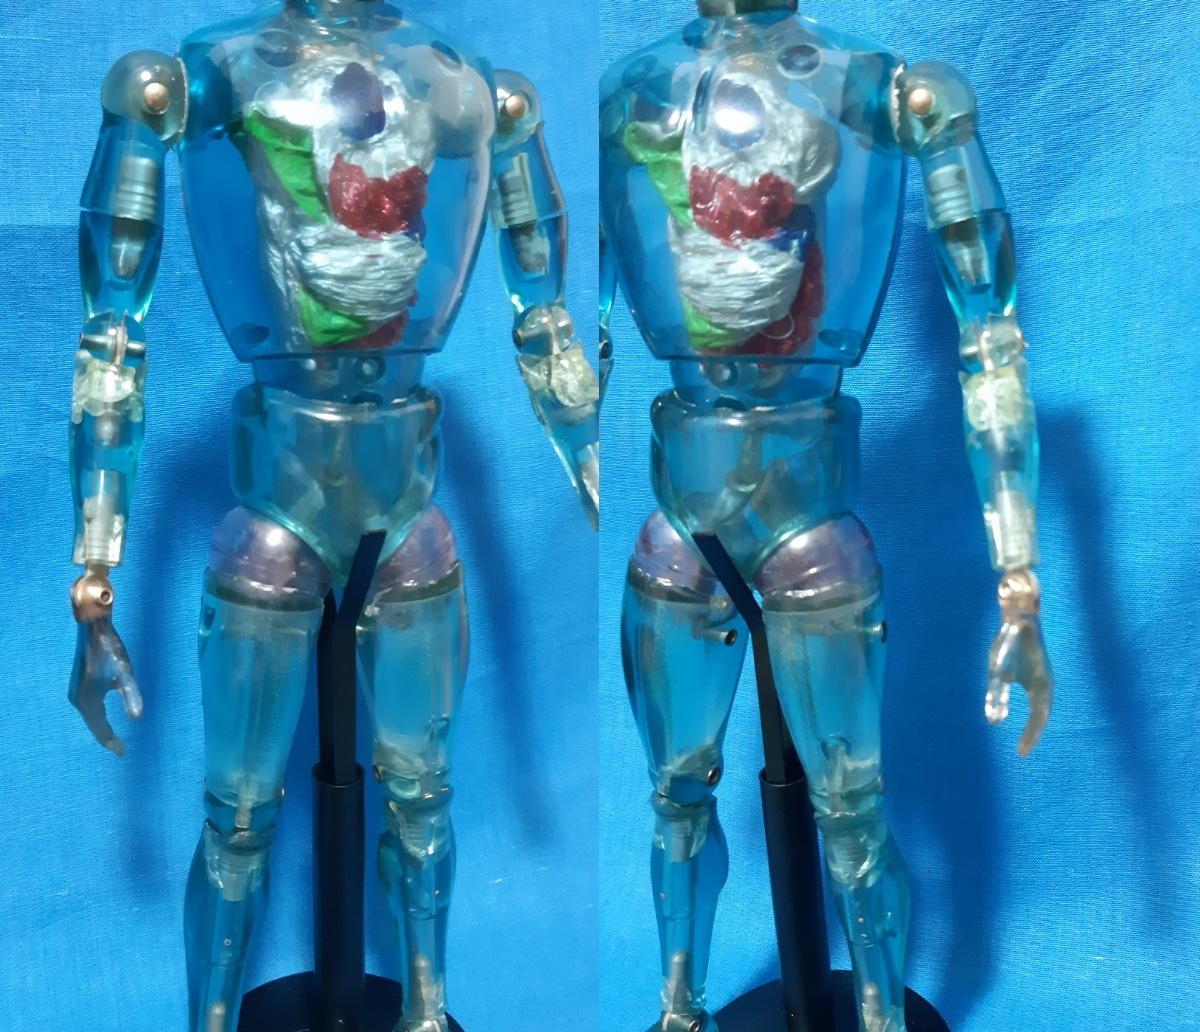 タカラ キングワルダー1世 ブルー 青 初期 変身サイボーグ GIジョー フィギュア ビンテージ_画像9